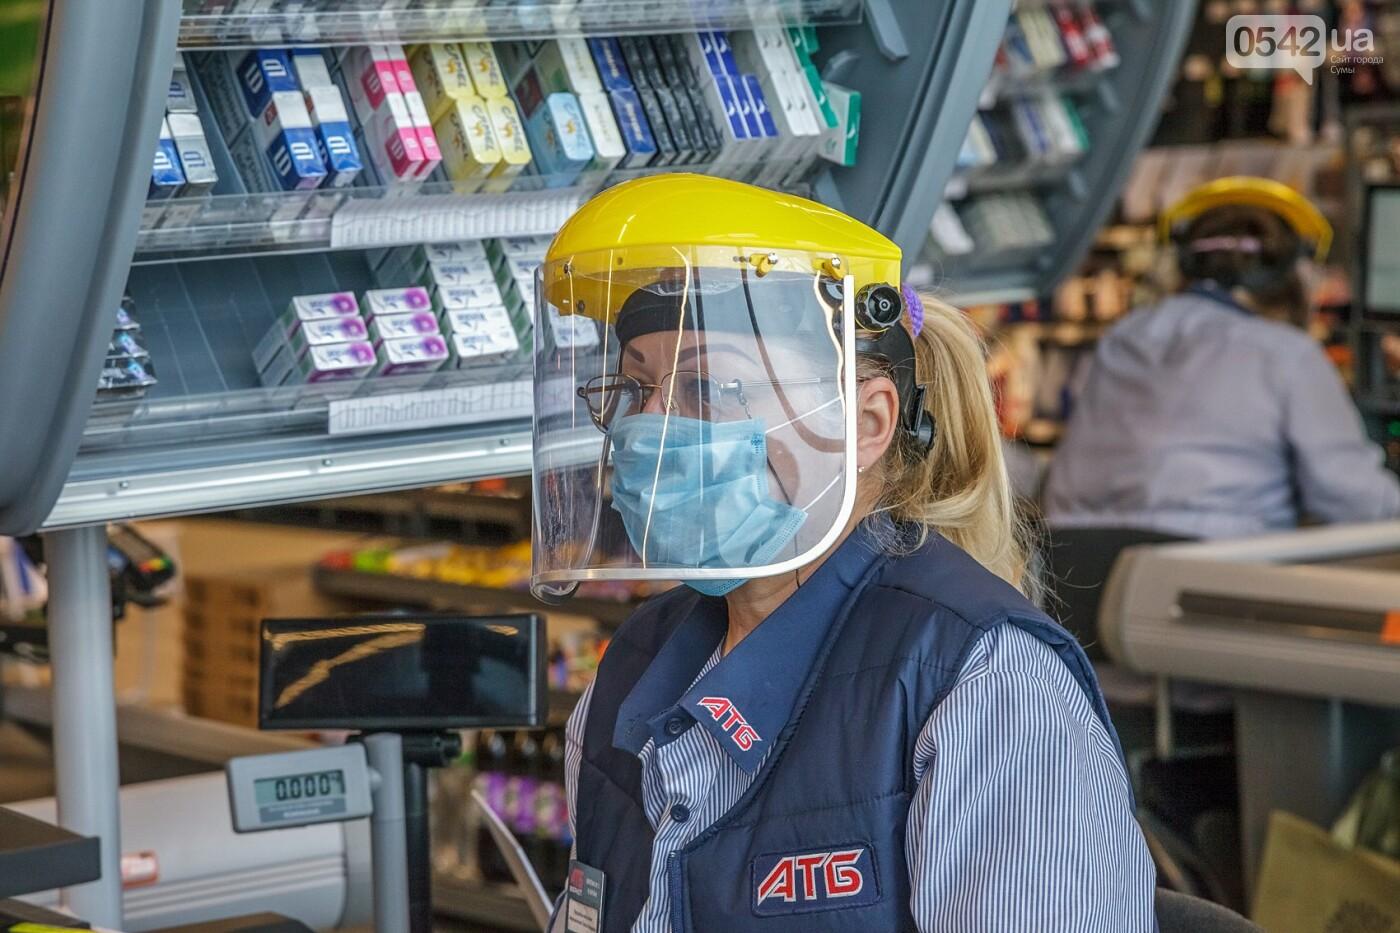 «АТБ» дотримує всіх правила протиепідемічної безпеки, — головний санлікар України Віктор Ляшко , фото-1